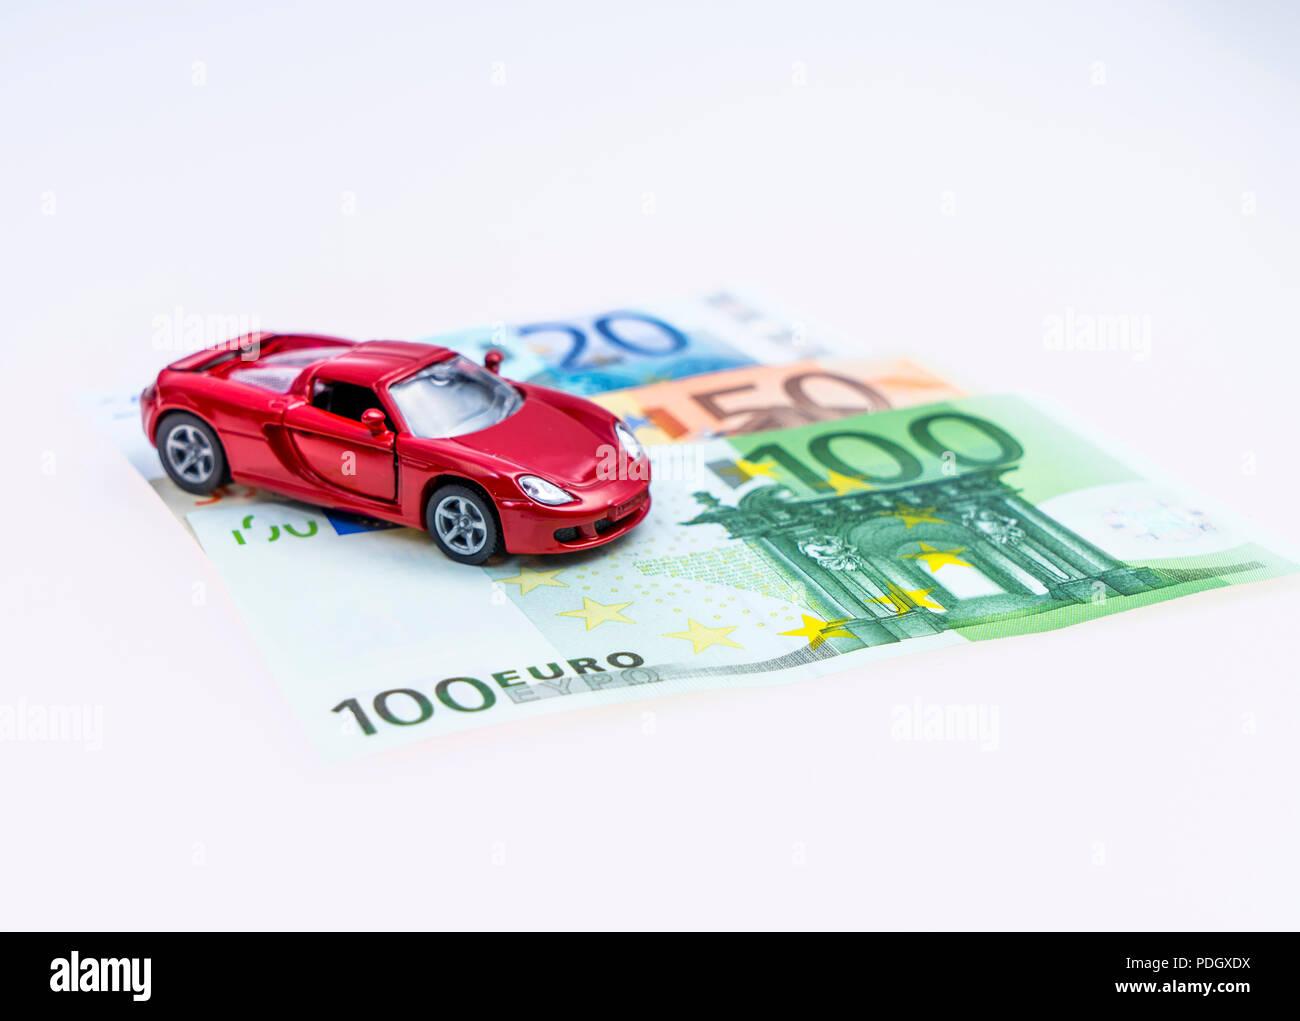 Modellauto und Euro Scheine, Studioaufnahme Stock Photo